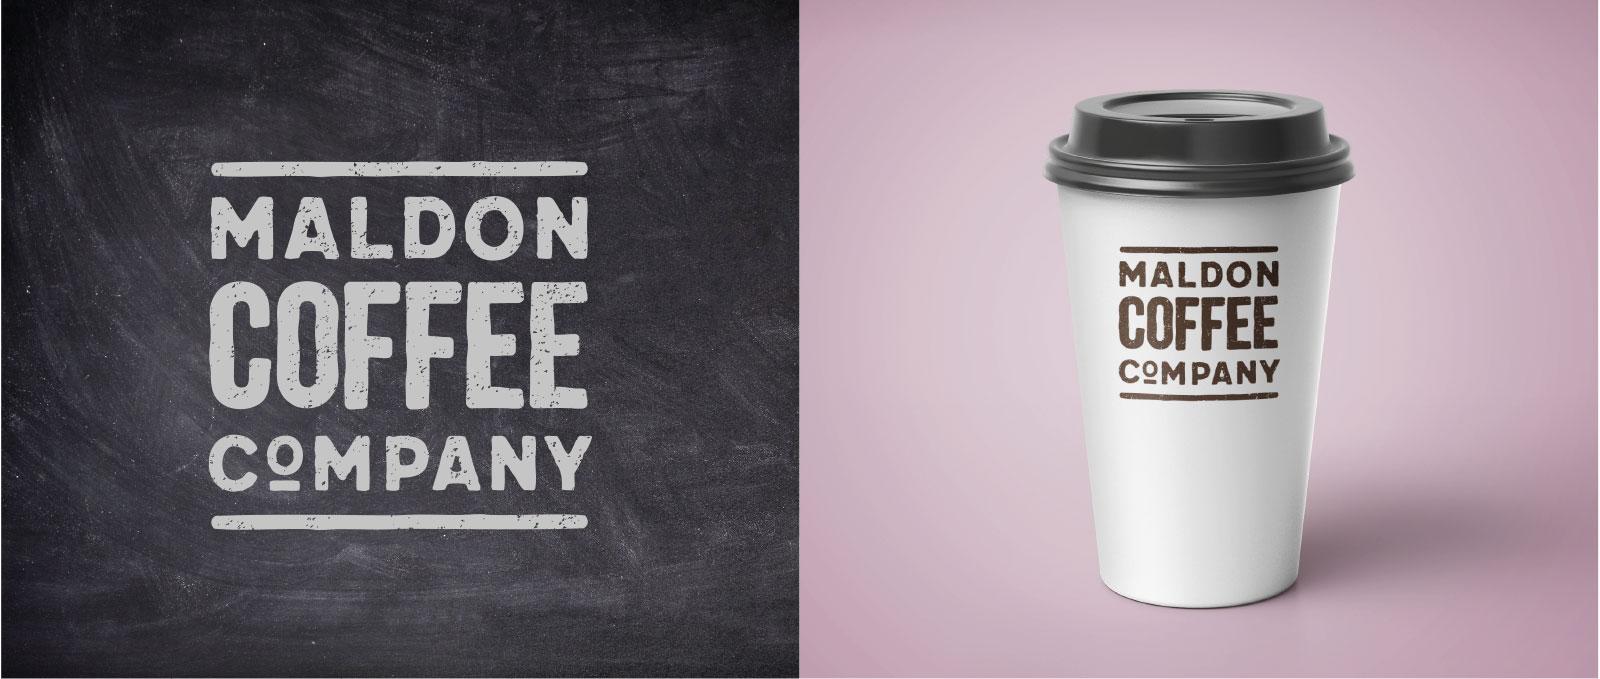 Maldon Branding Design